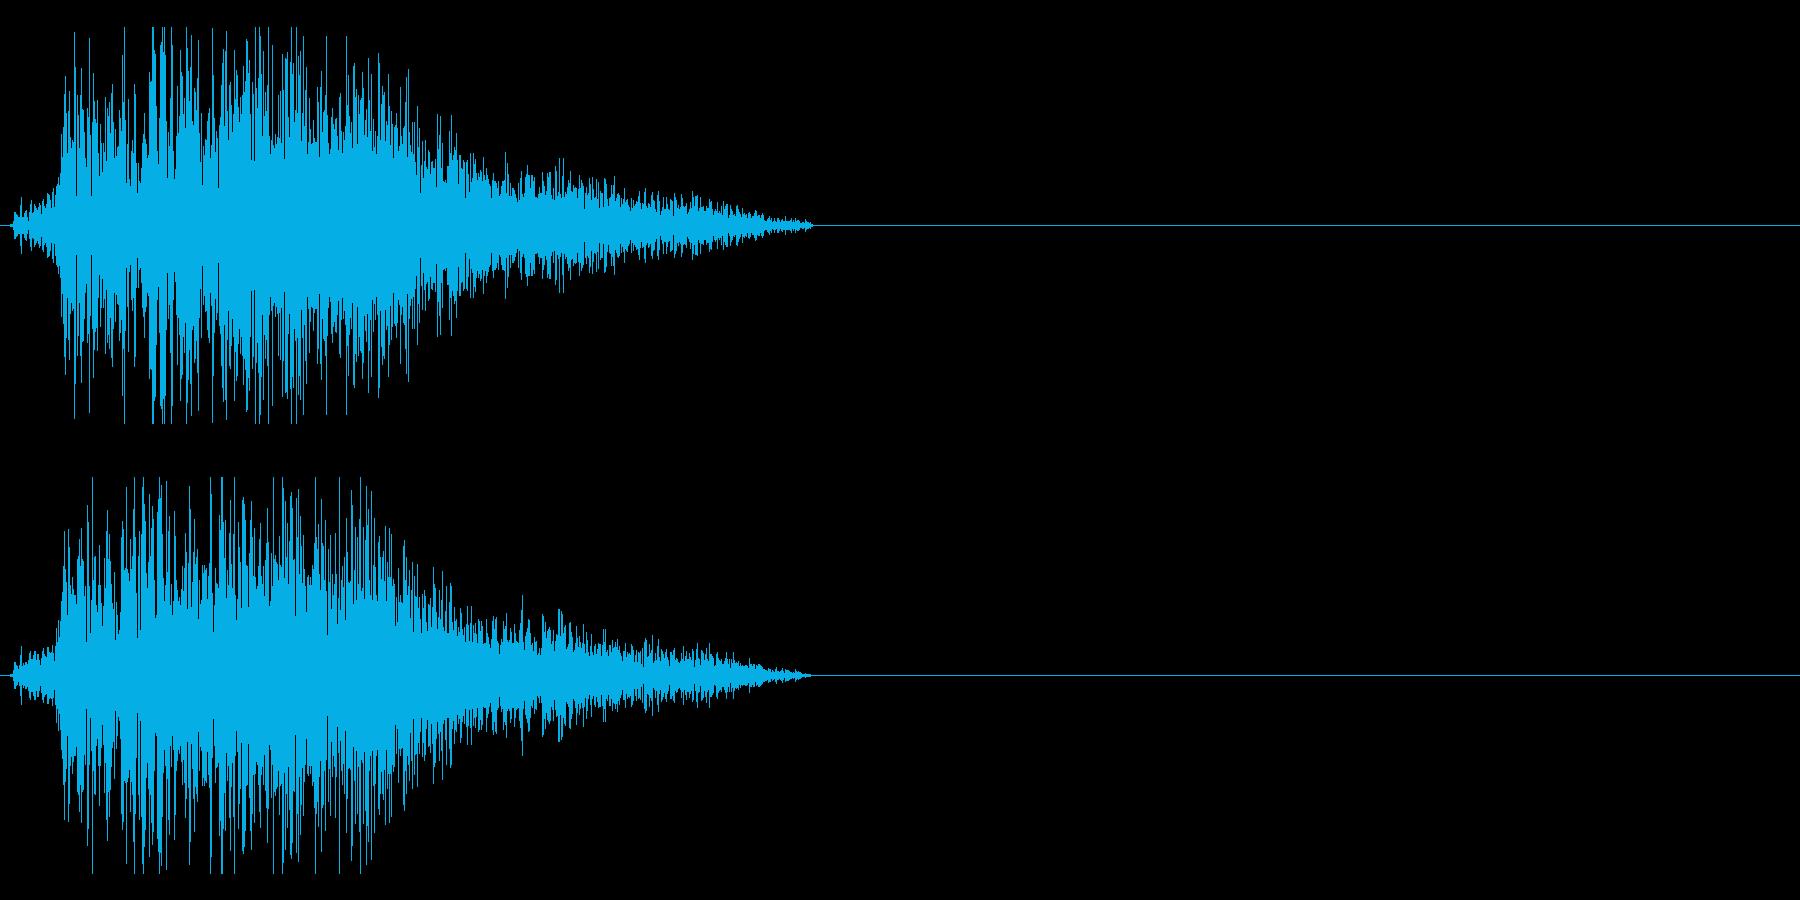 バシィッ 斬撃音 刀などの再生済みの波形